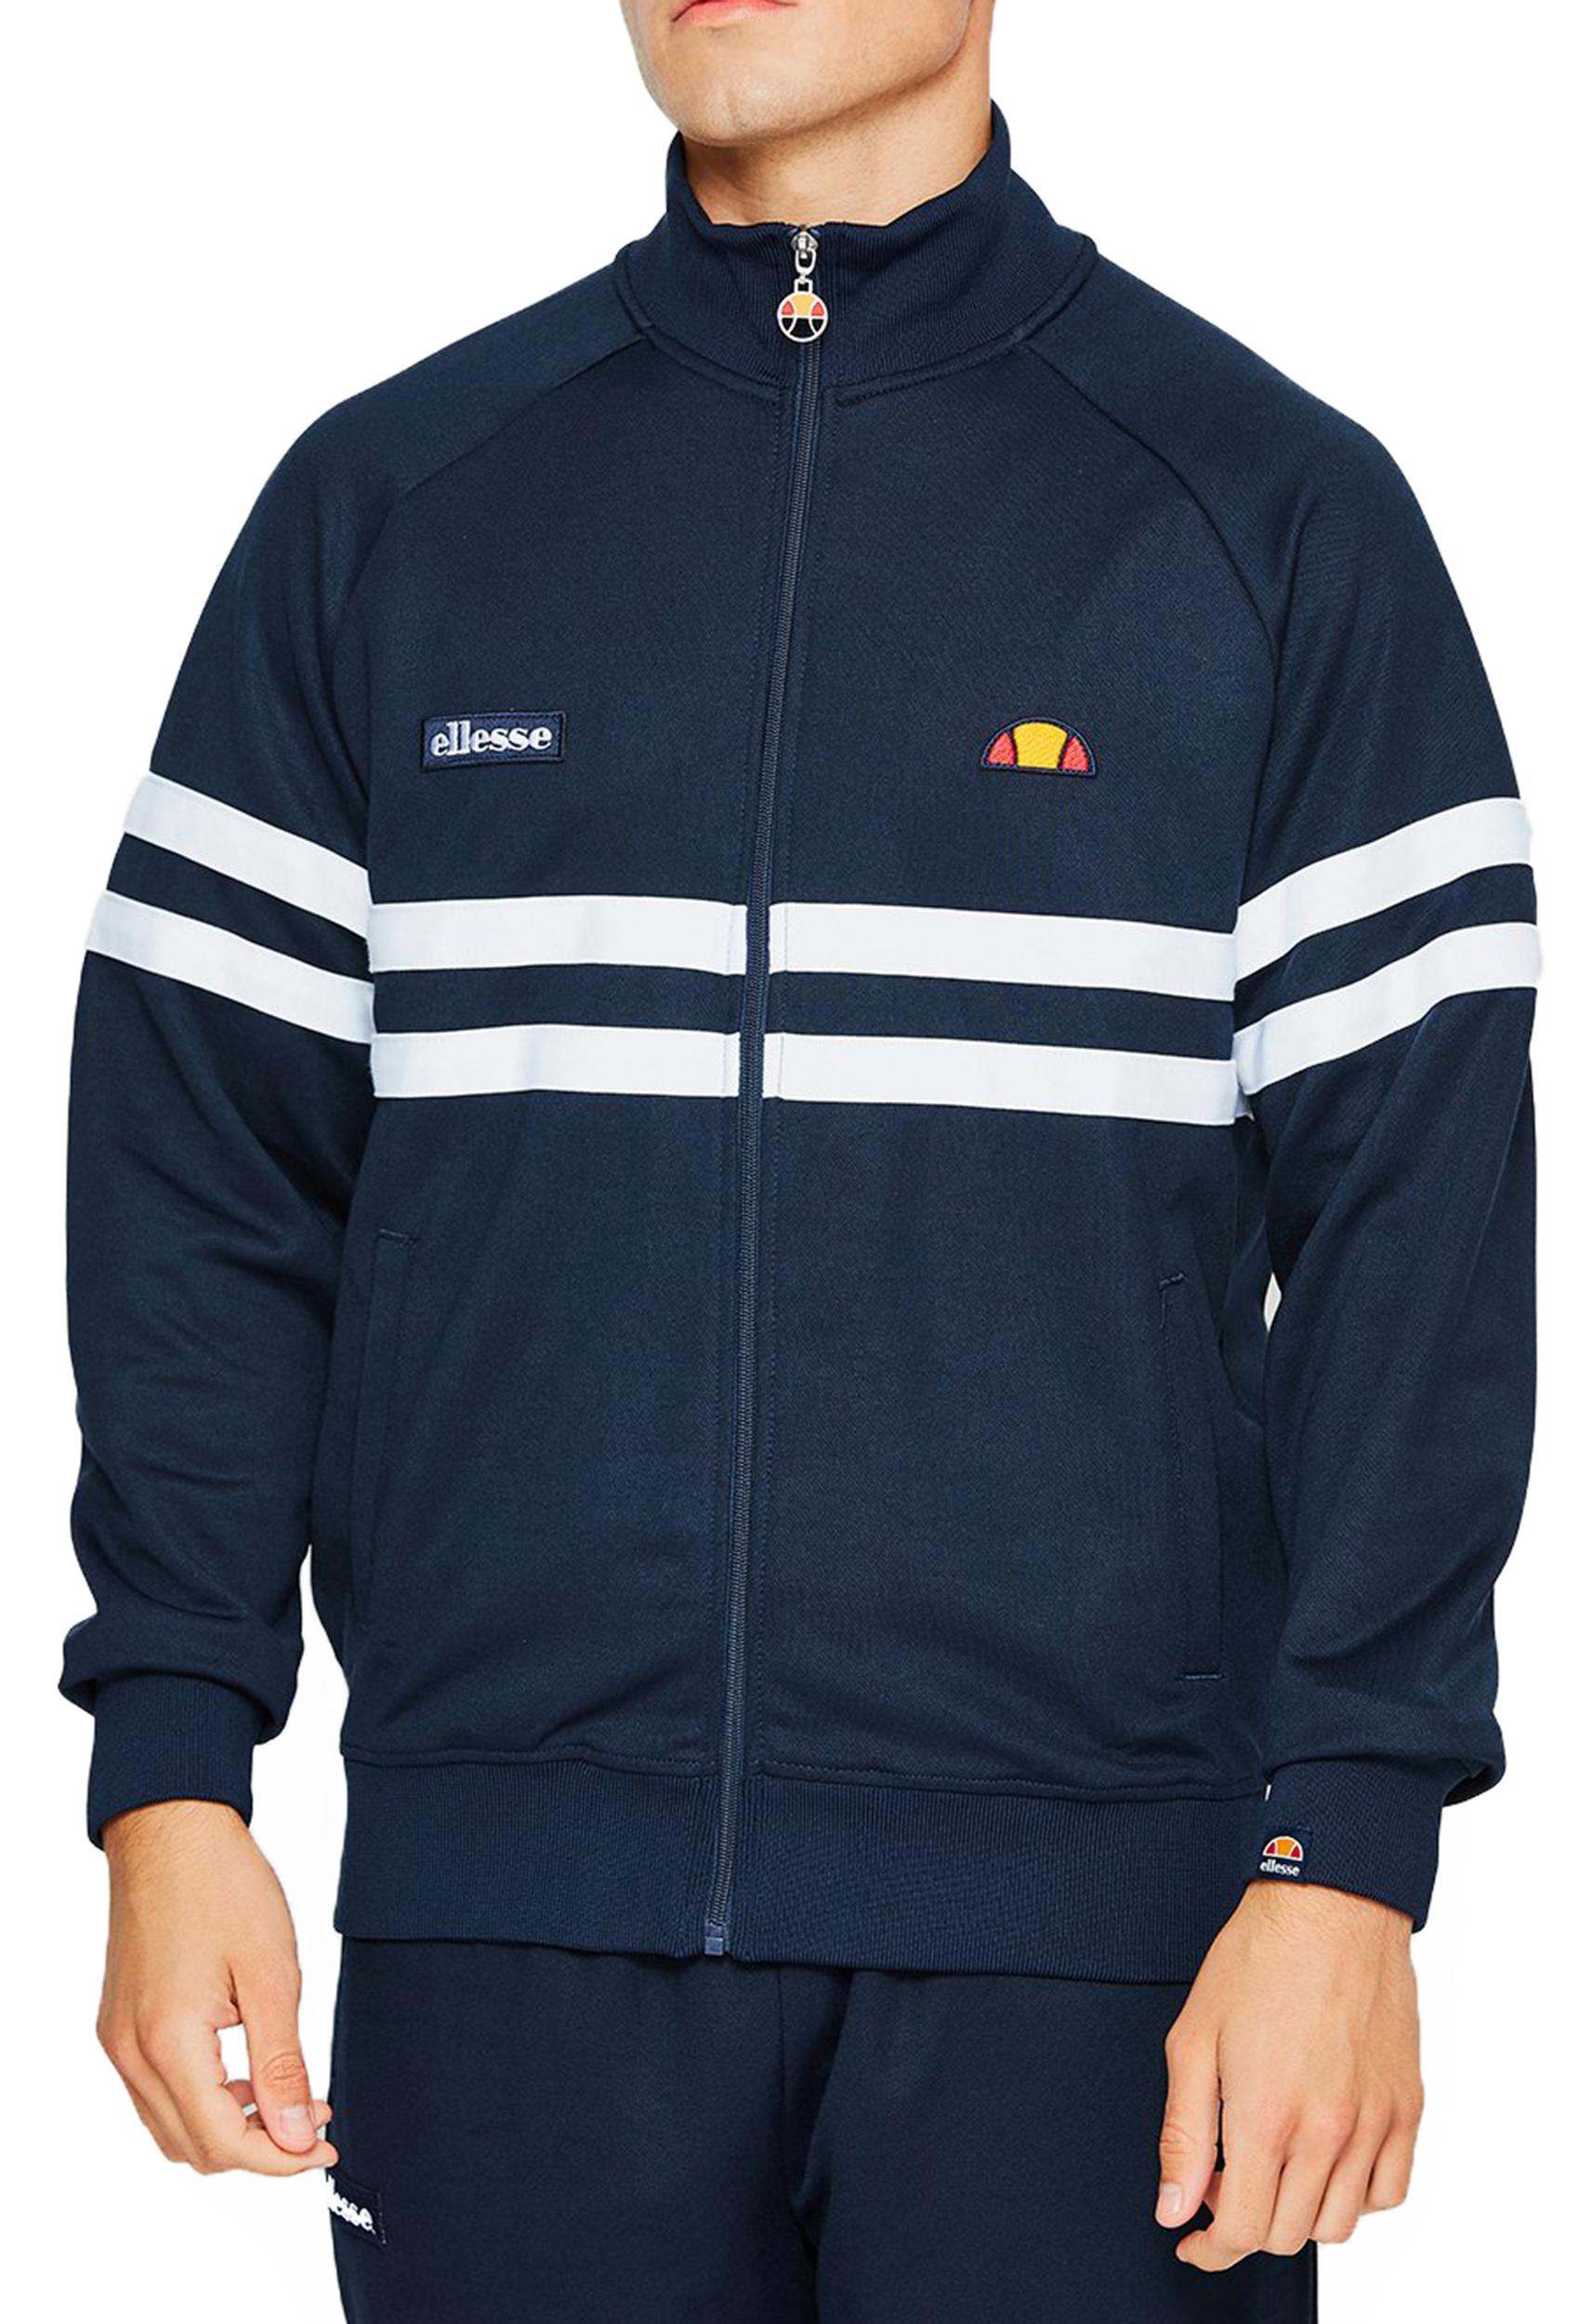 3653b089e7 Details about ellesse Mens Retro Rimini Track Jacket Zip Up Poly Sweat Top  Navy Blue